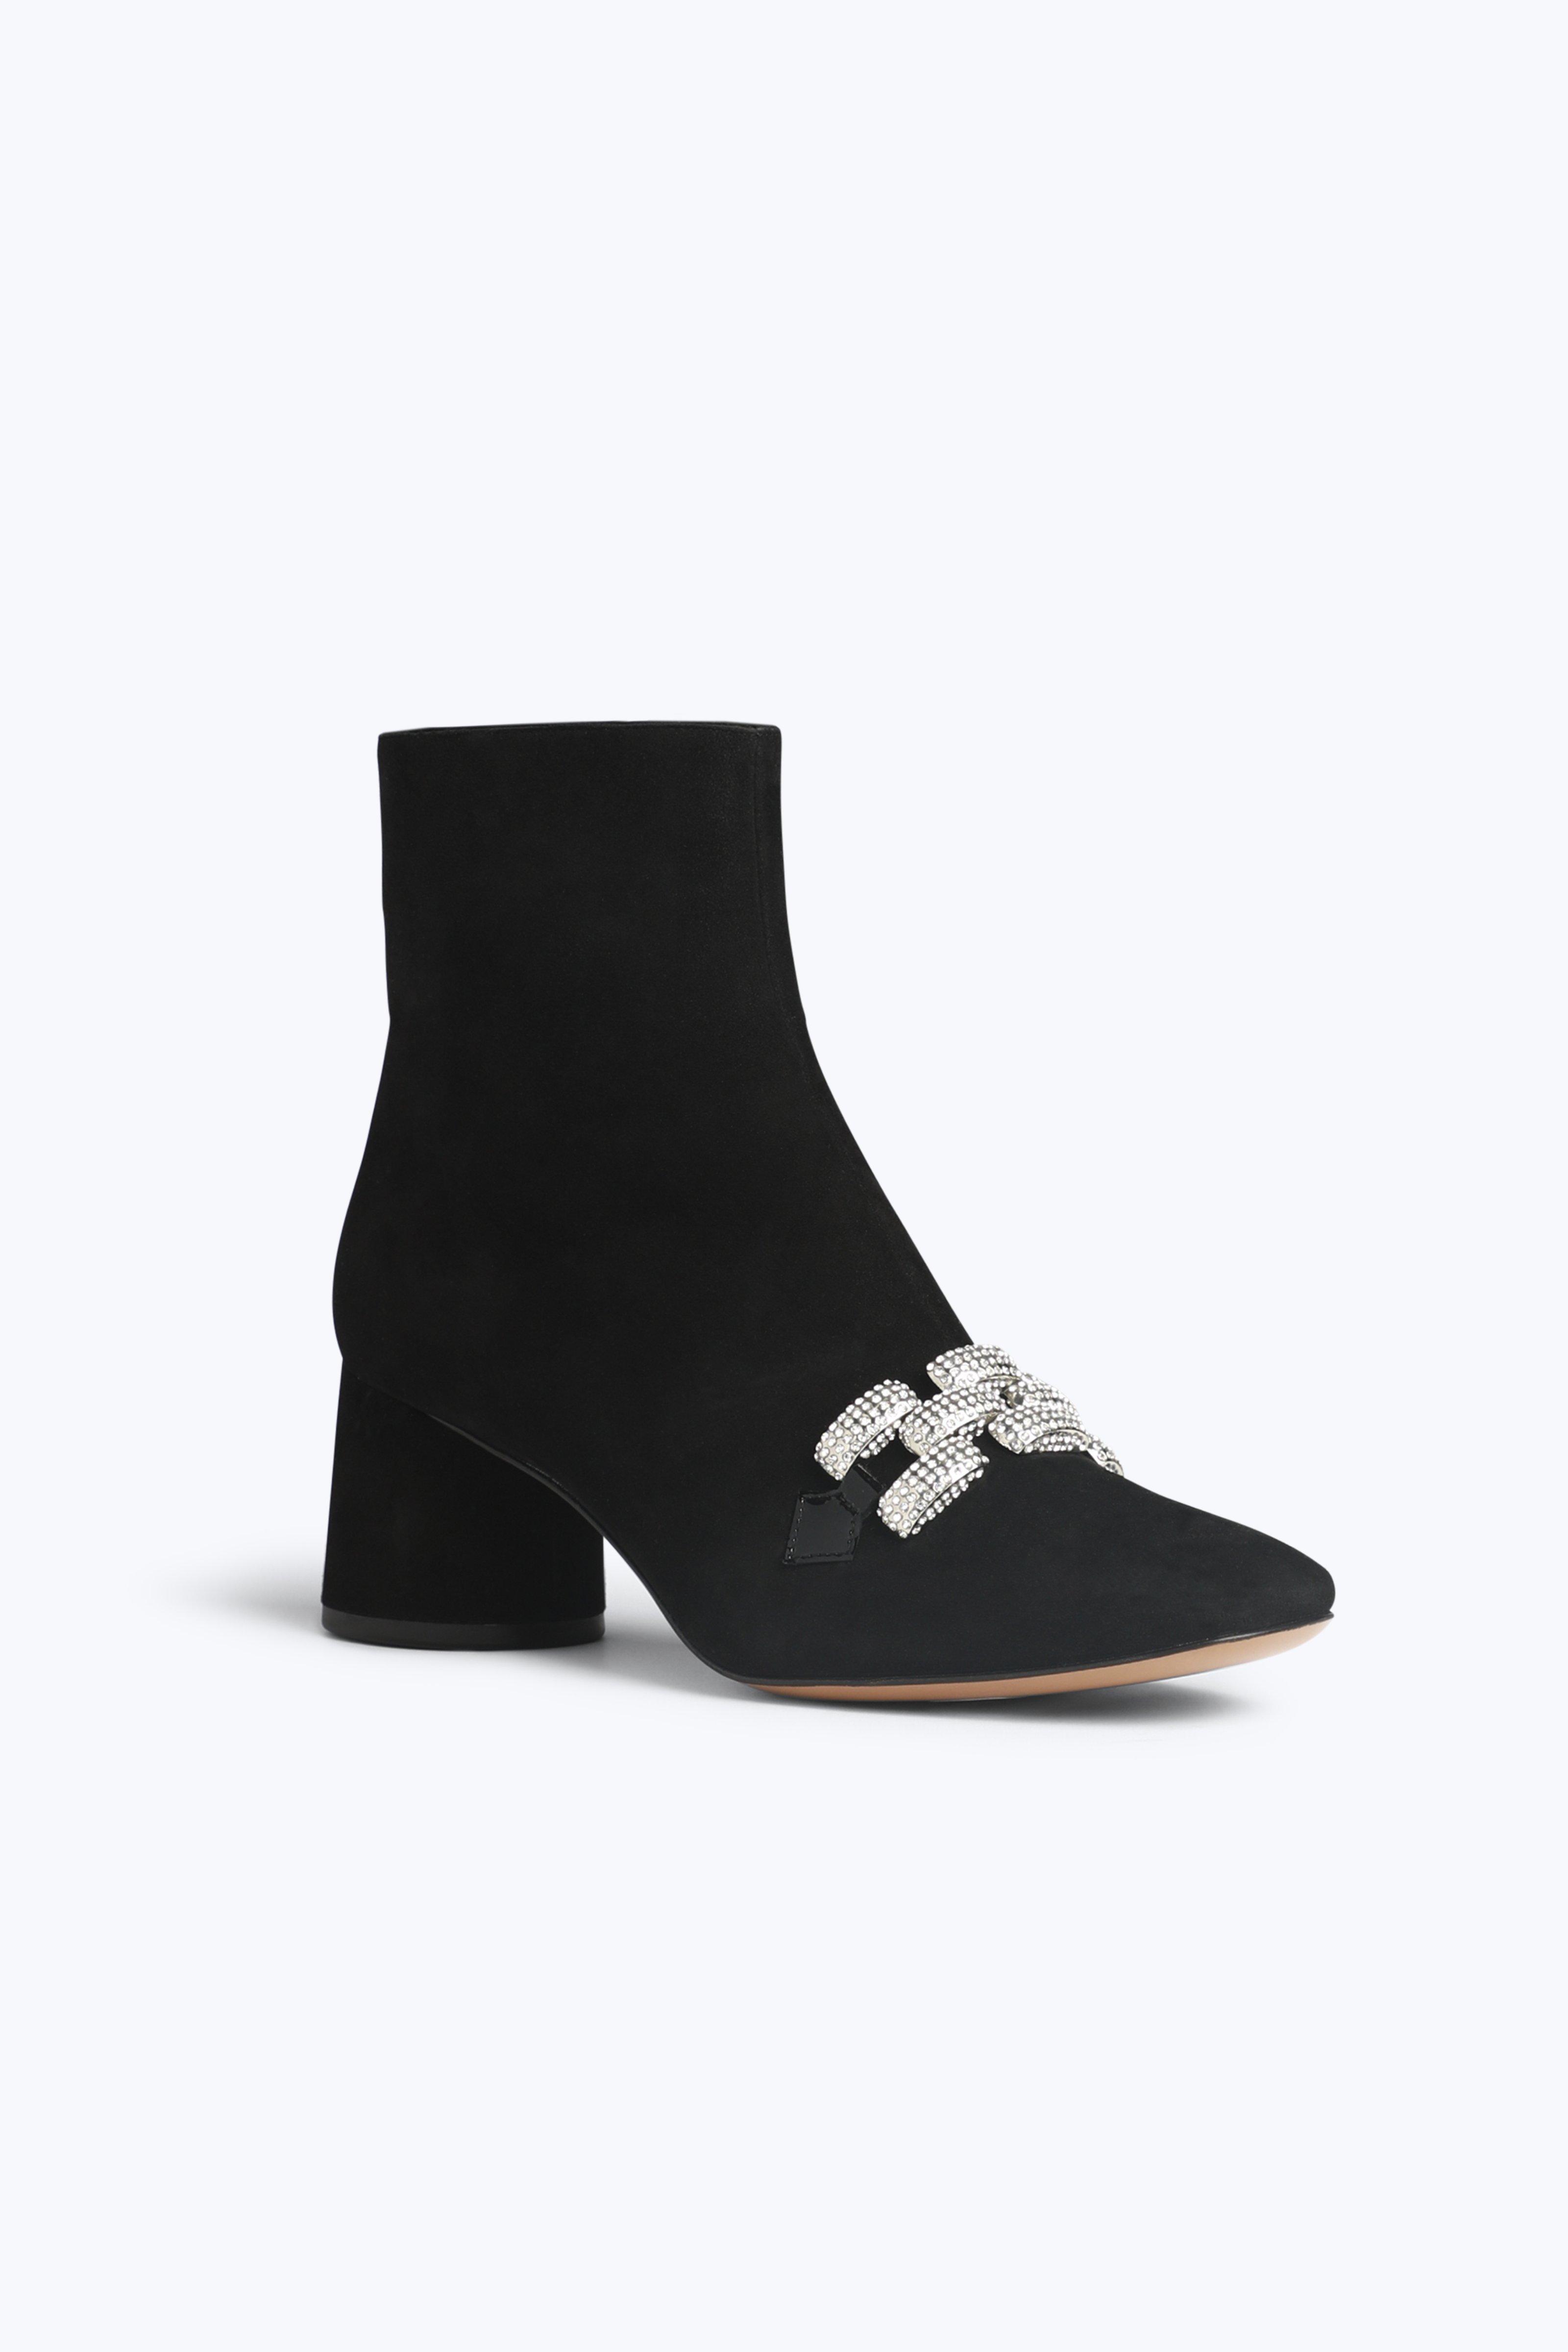 Marc Jacobs Women's Embellished Chain Suede Block Heel Booties F6s0xO